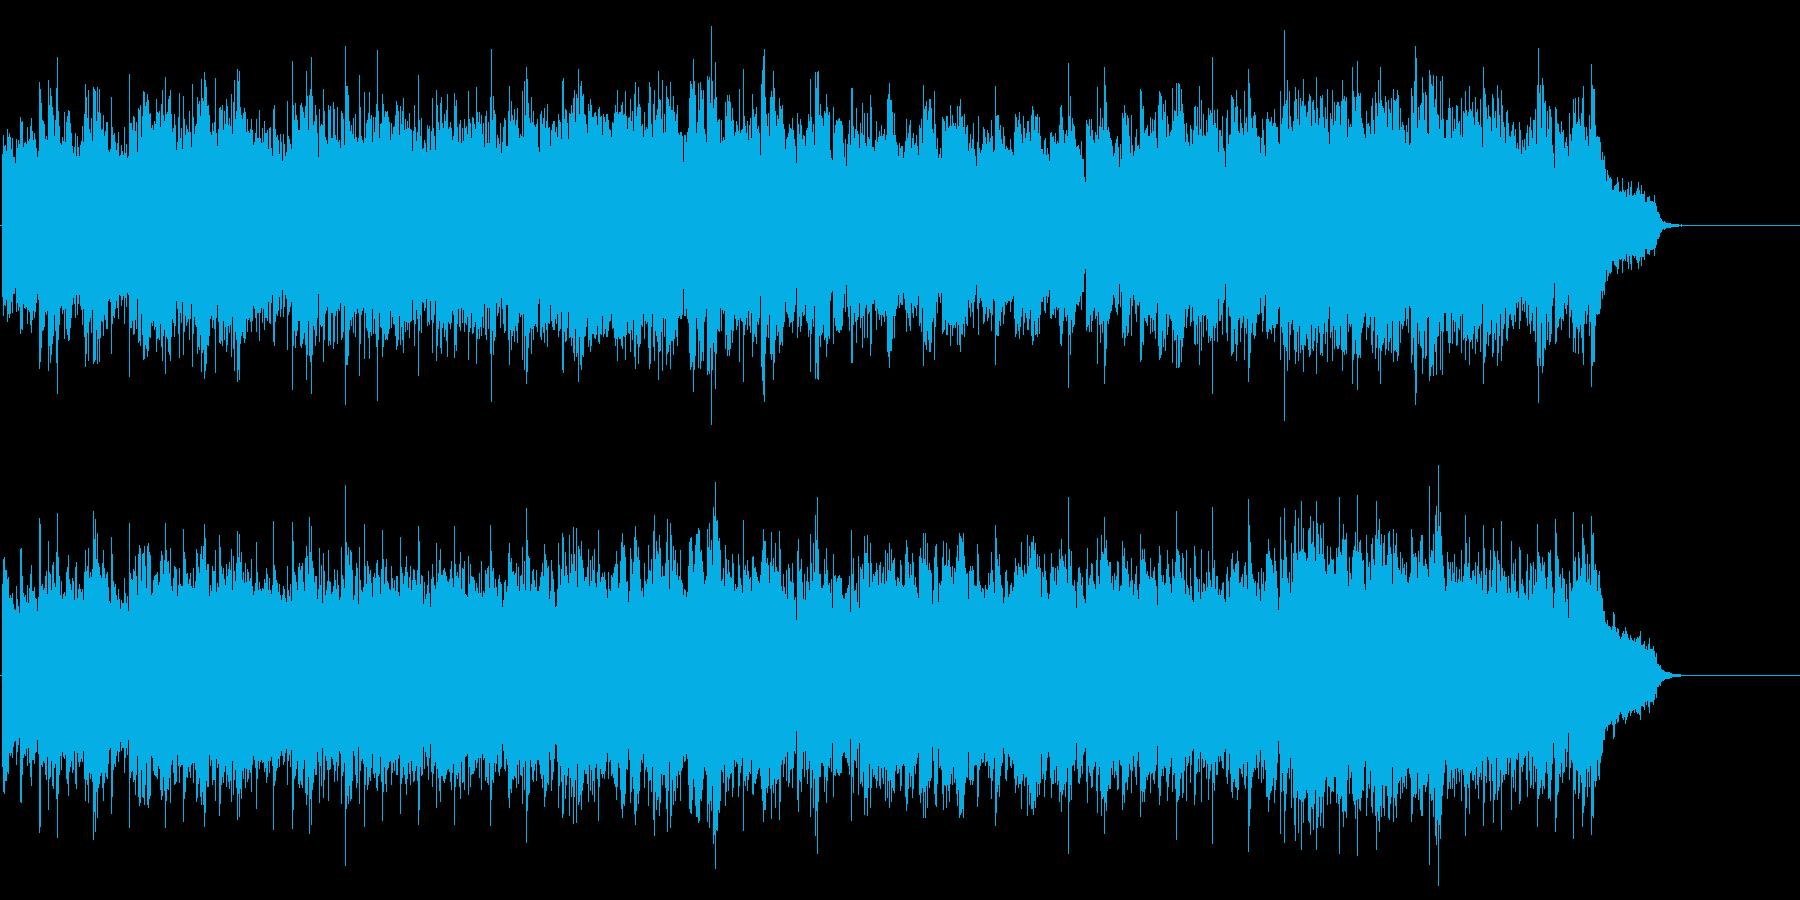 伸びやかでトラディショナルなポップスの再生済みの波形